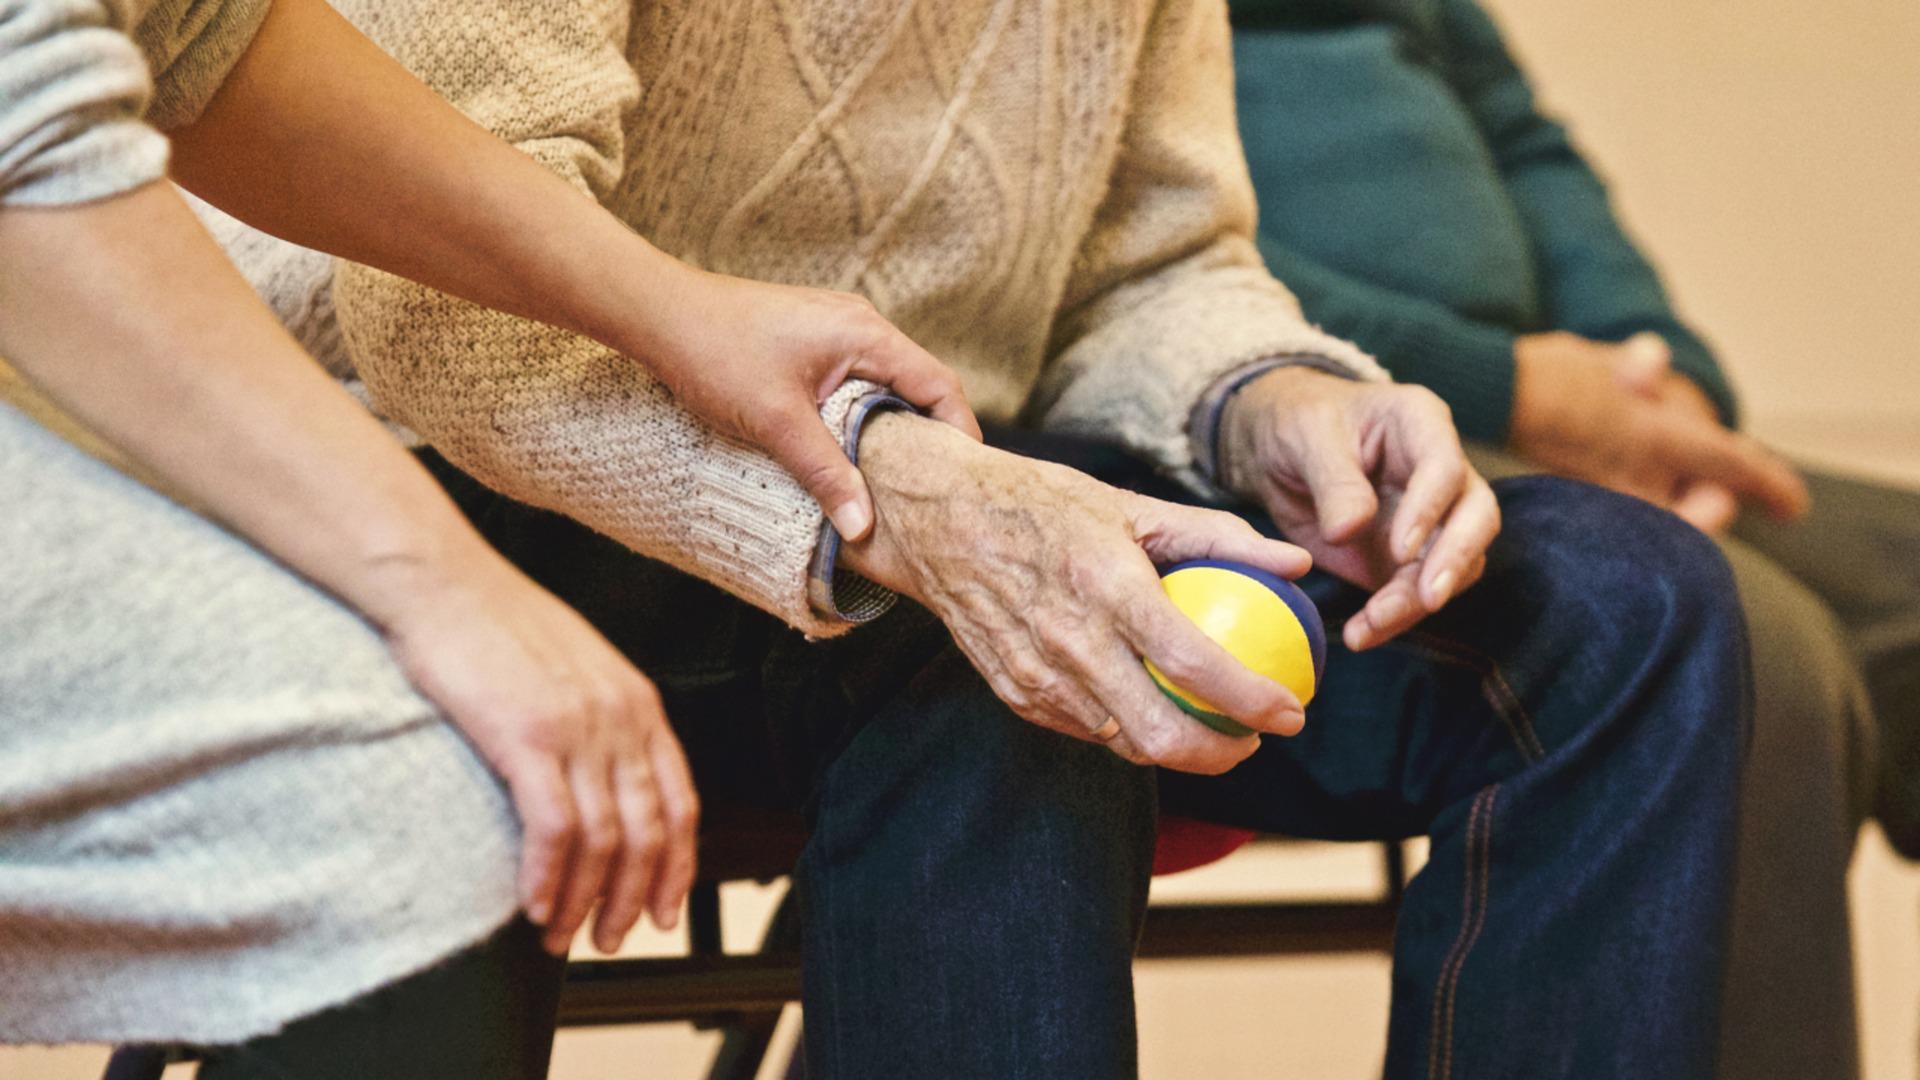 Internationaler Tag der Pflege: 24h Betreuer brauchen gezielte Fördermaßnahmen